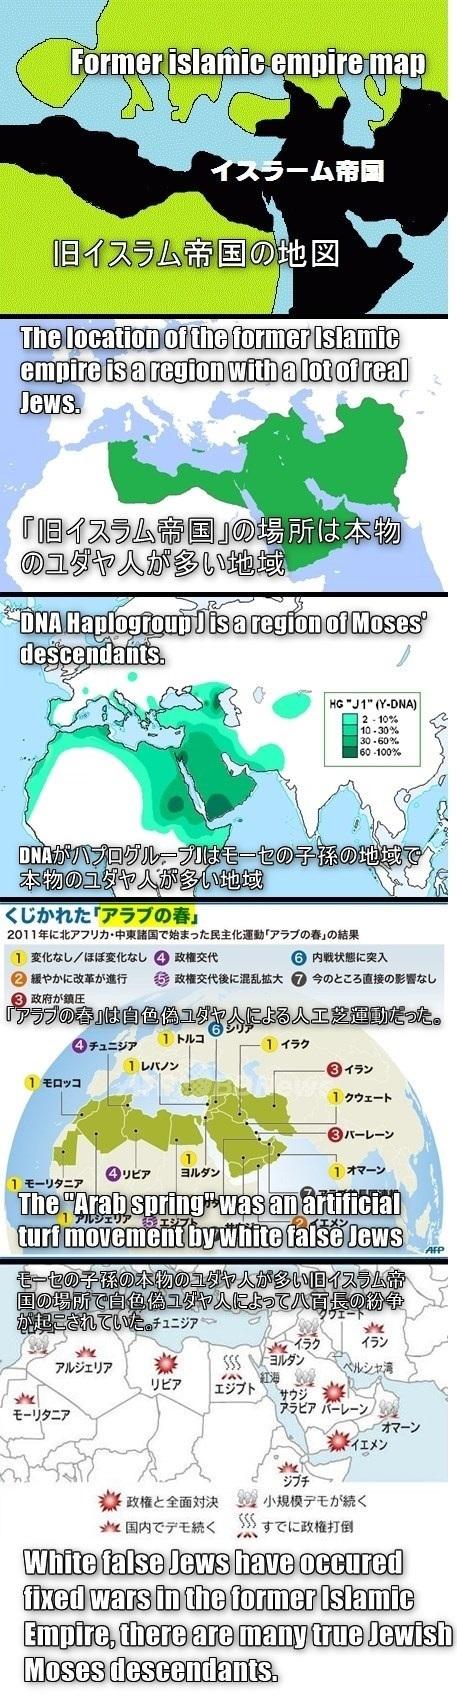 旧イスラム帝国の場所はハプログループJの本物のユダヤ人のモーセの子孫の場所 haplogroupJ mose true jews